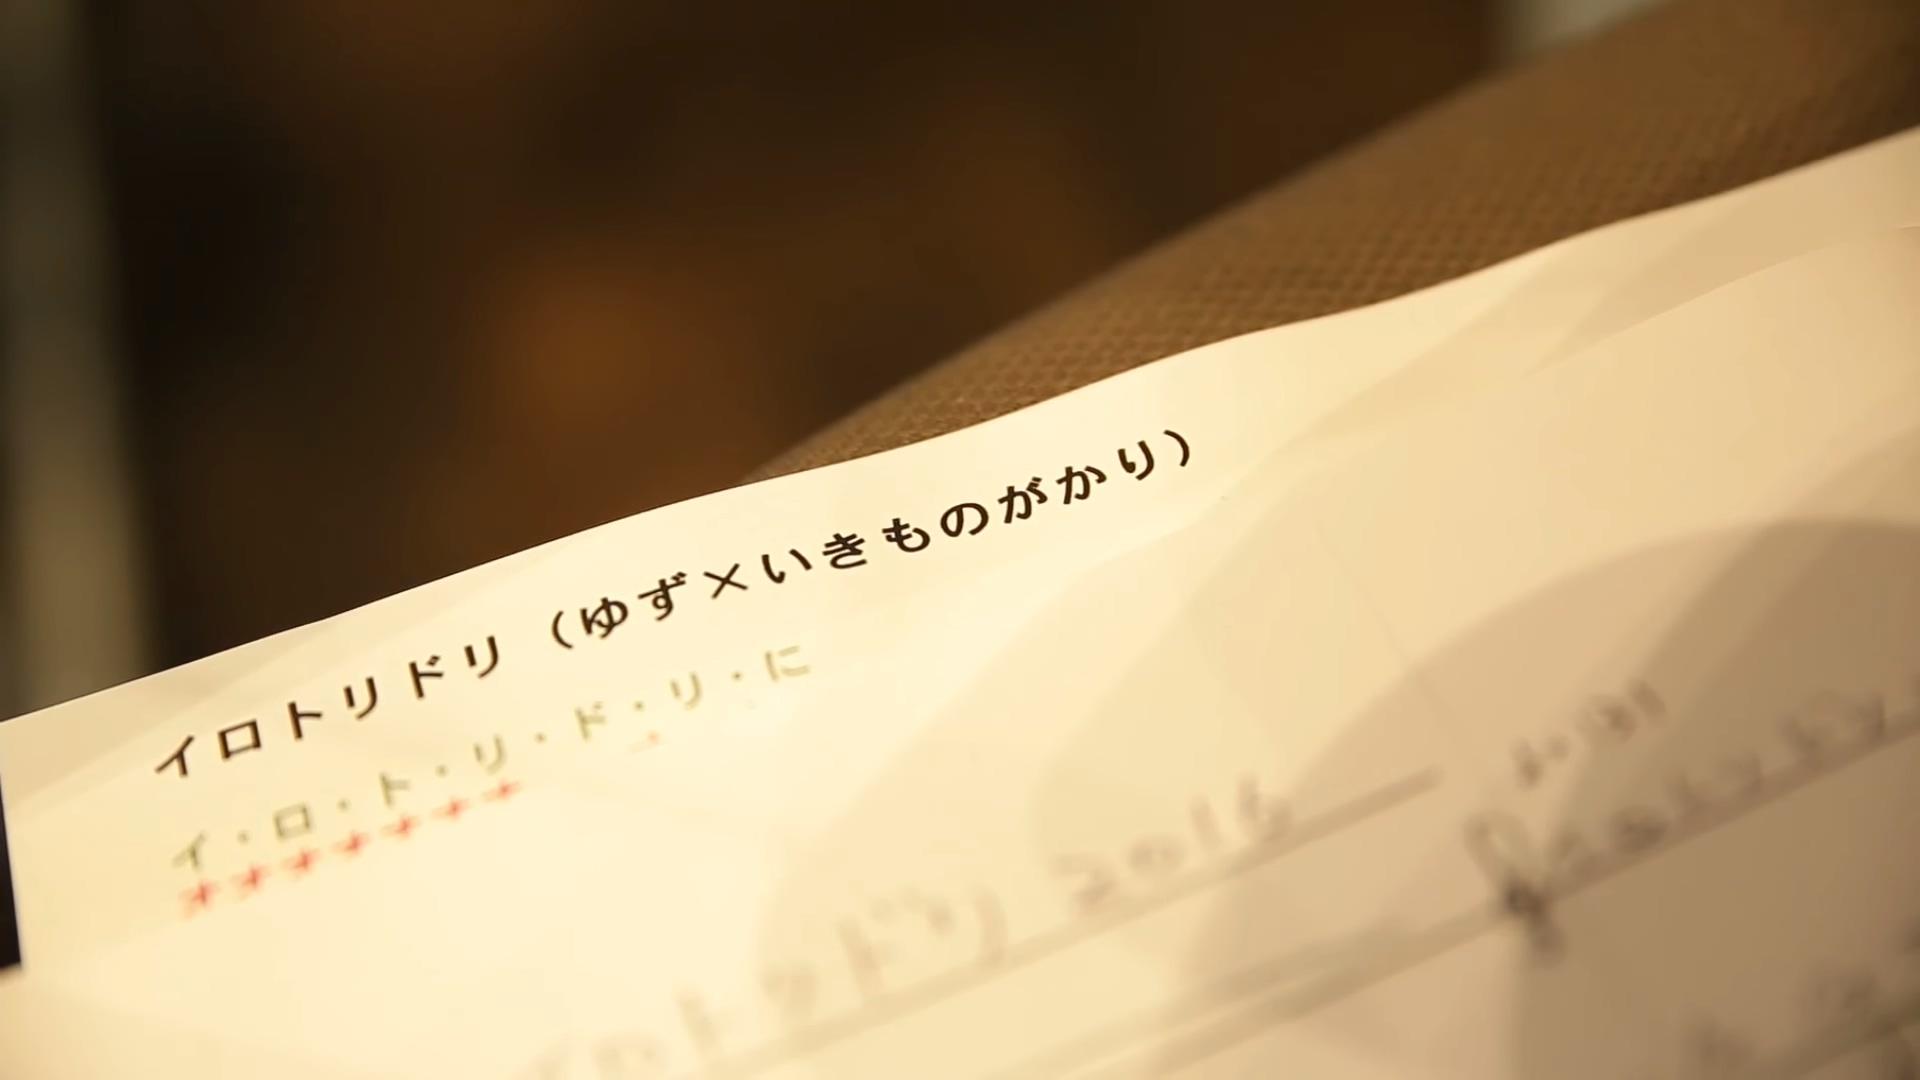 MV - ゆず×いきものがかり「イロトリドリ」.MKV_20170412_033257.407